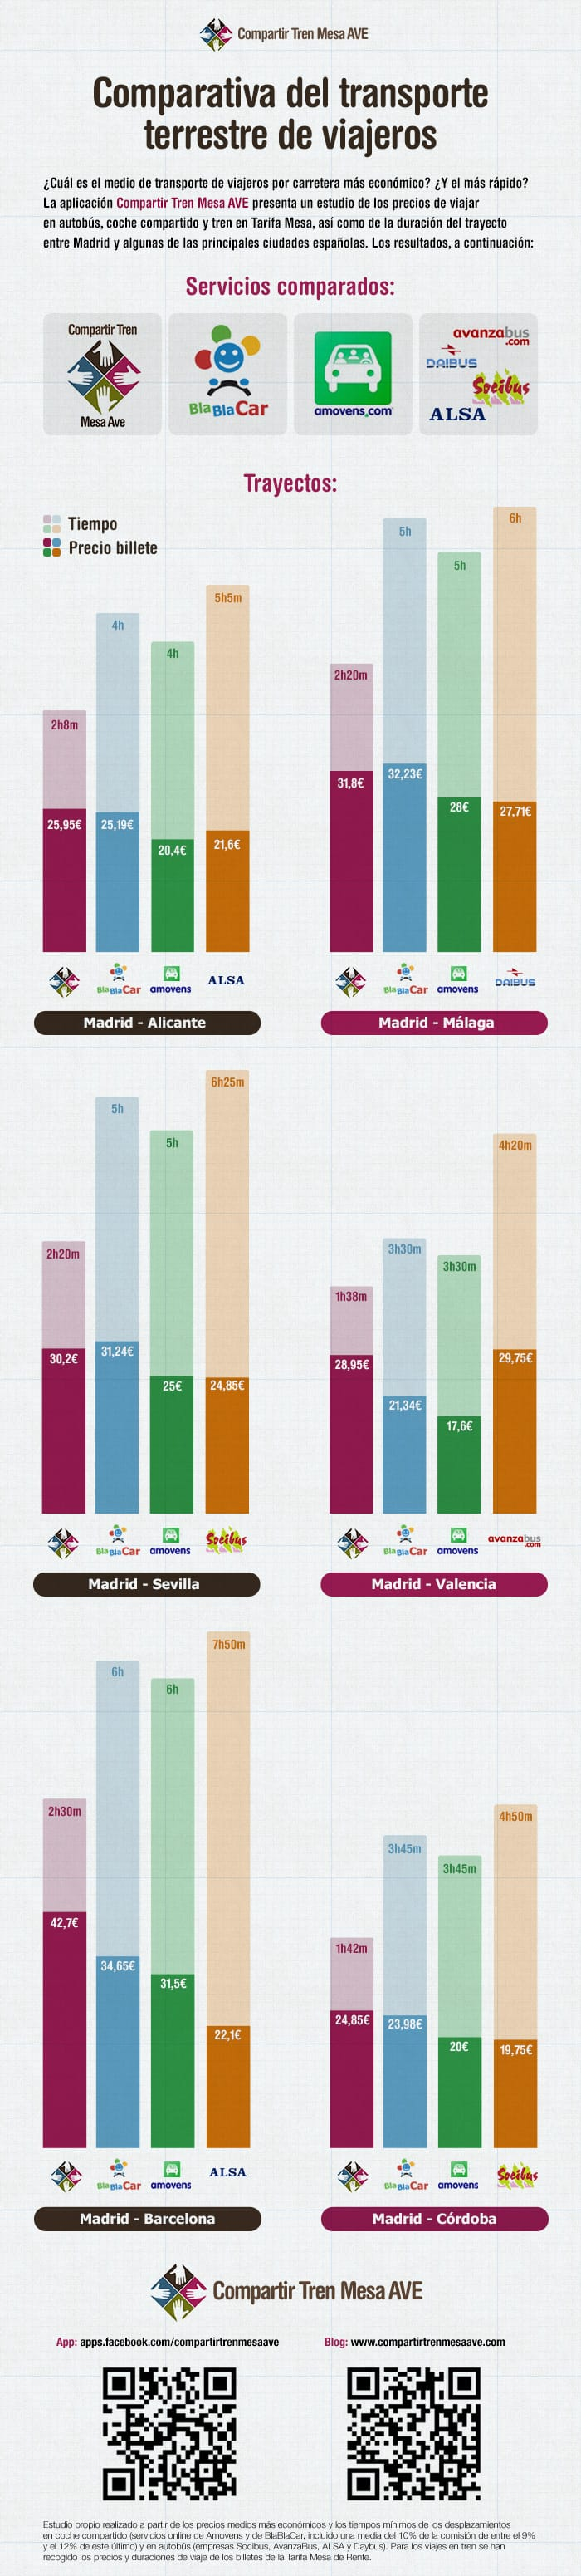 Infografía precios y tiempos de viajar en coche compartido, tren y autobús.